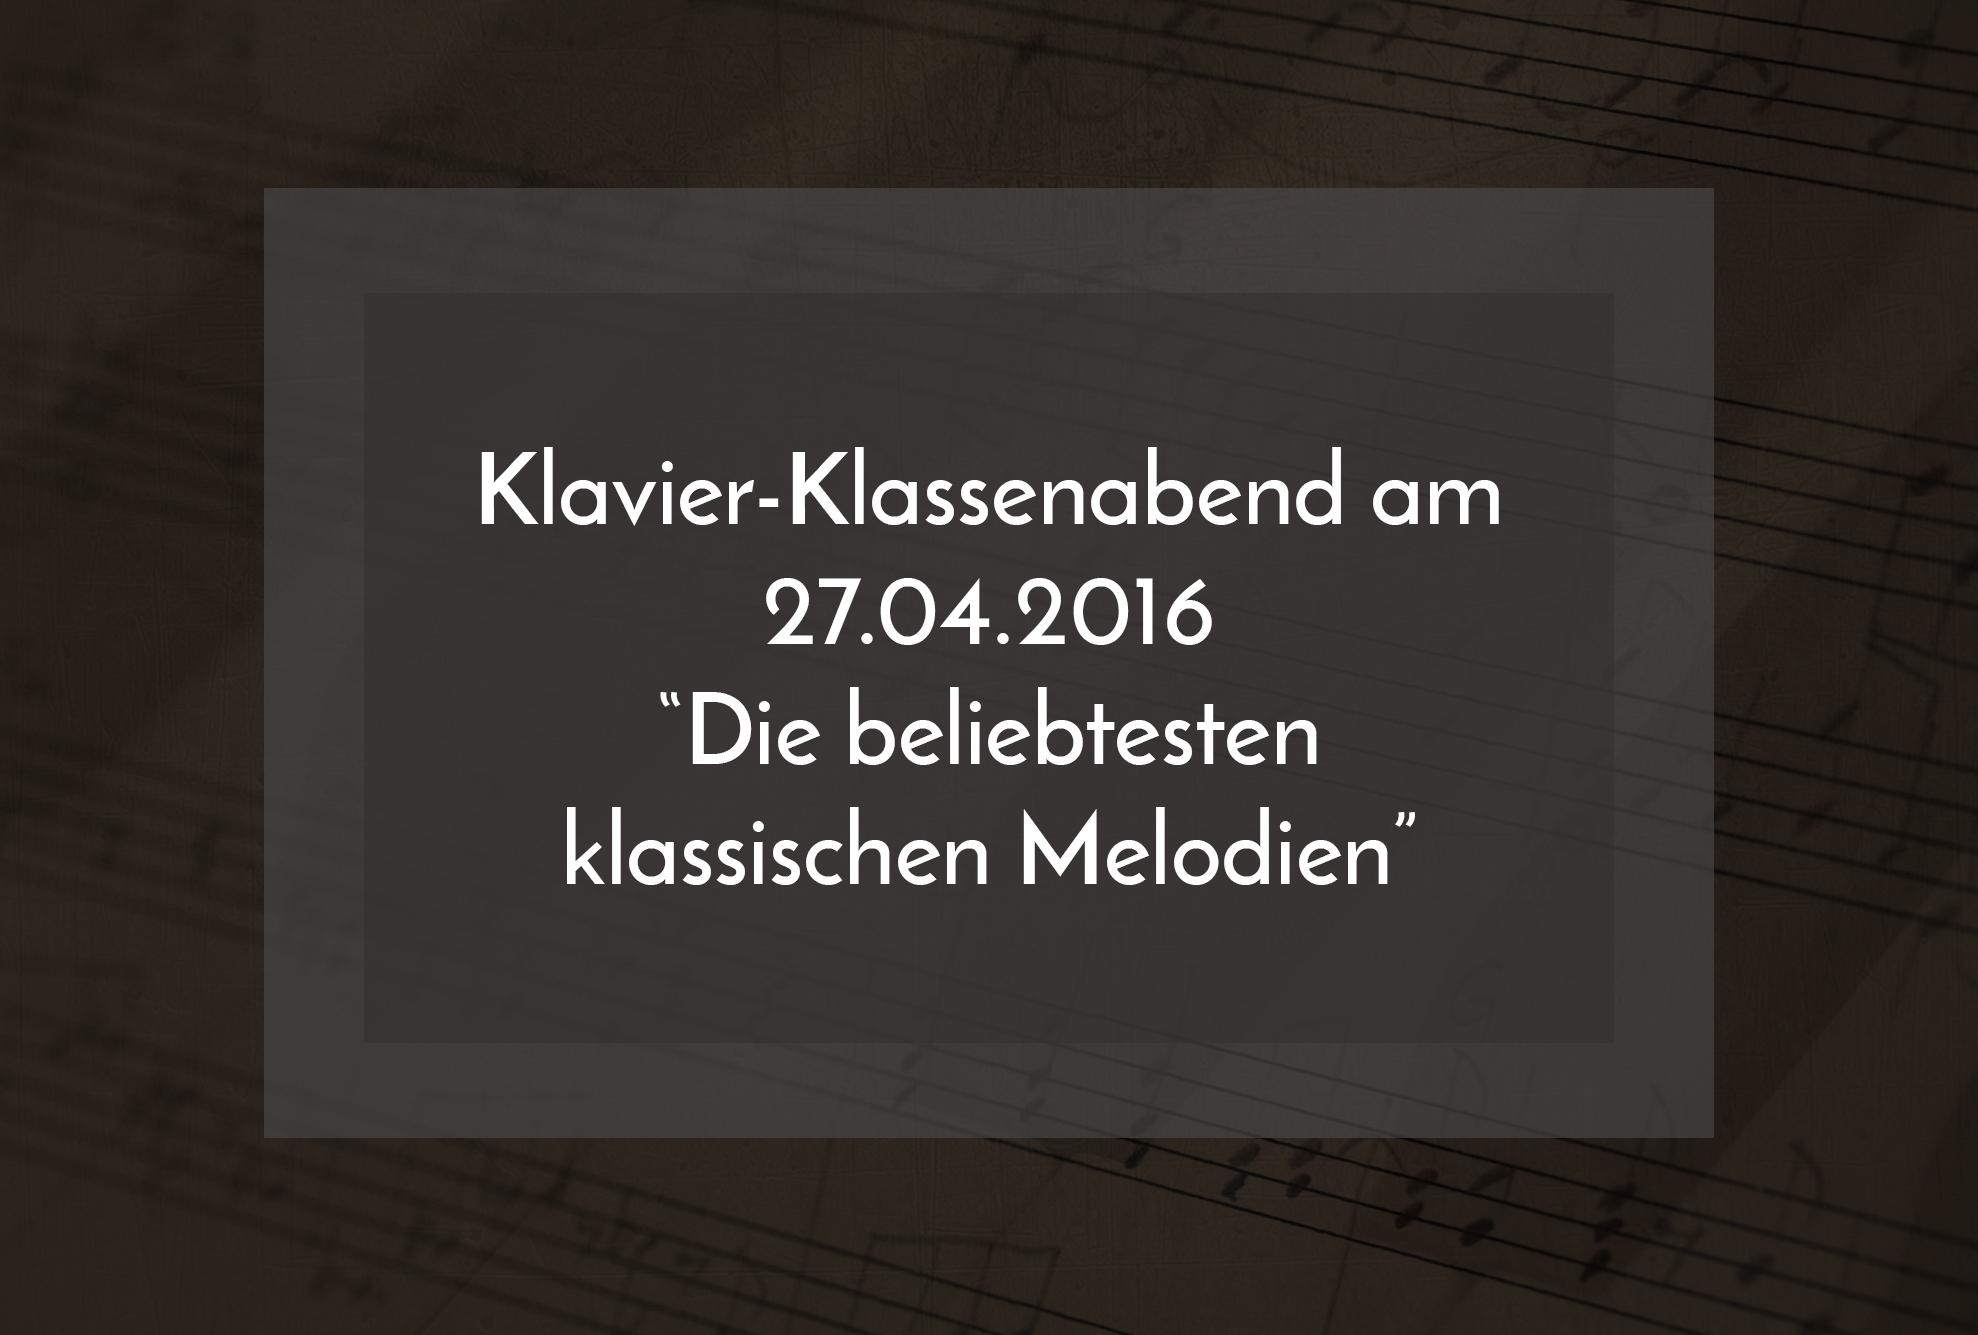 """Klavier-Klassenabend am 27.04.2016 """"Die beliebtesten klassischen Melodien"""""""